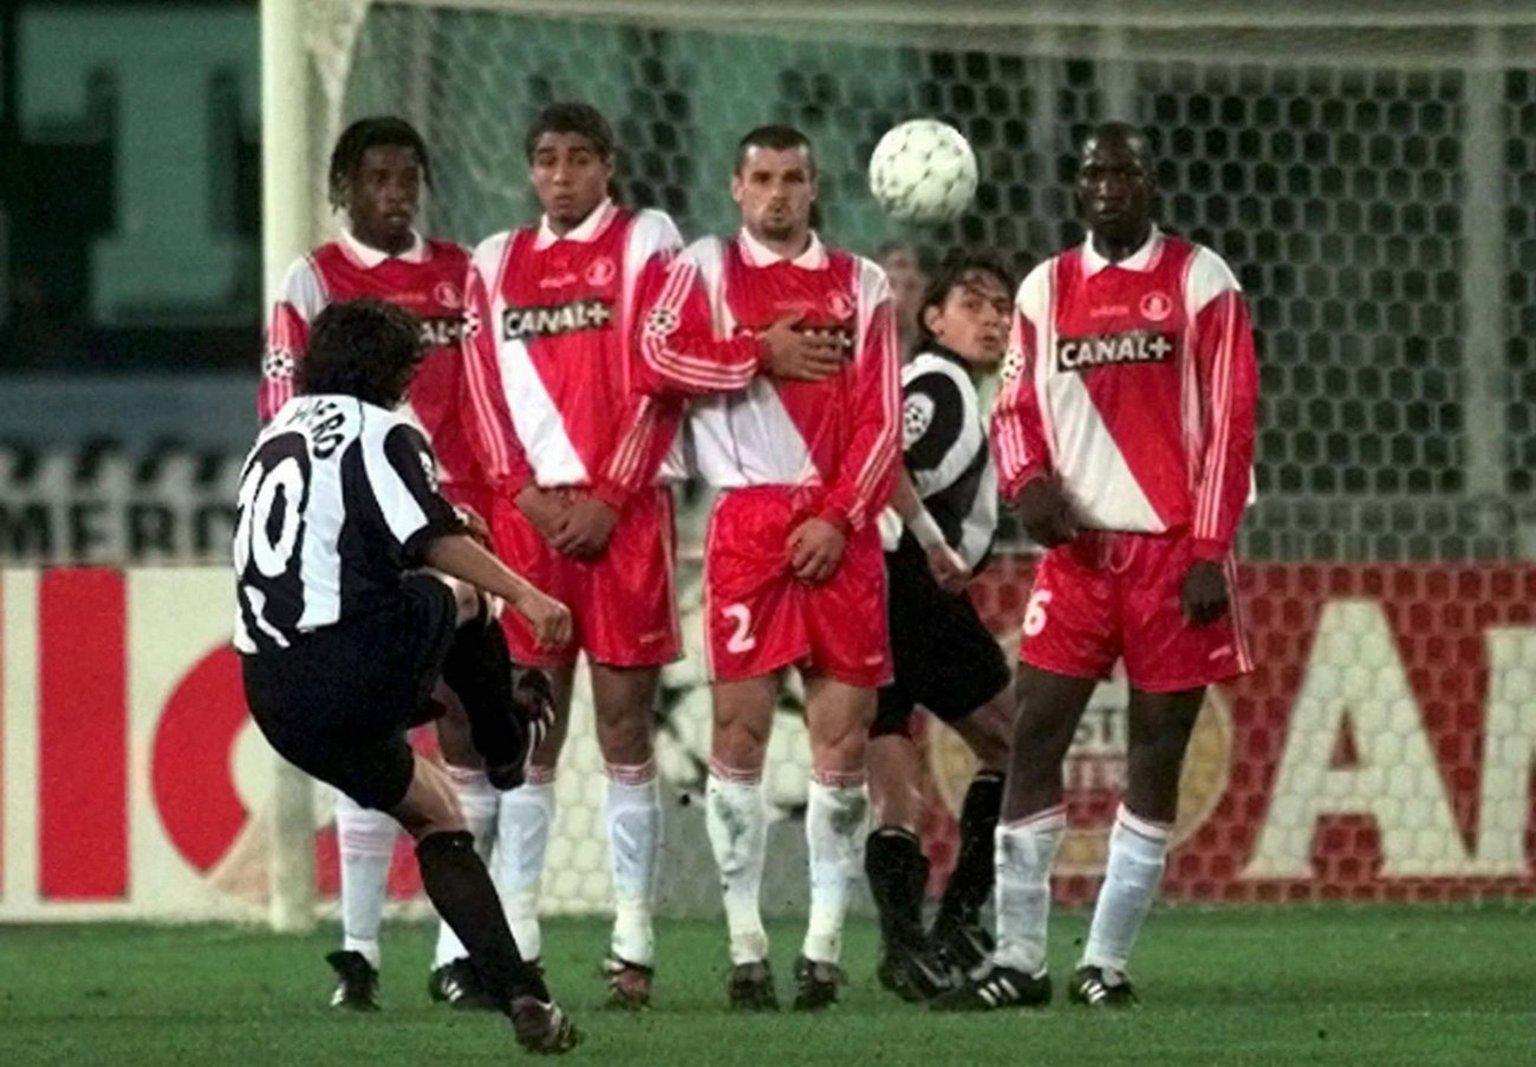 Del Piero nel 1998 fu protagonista nel 4-1 della Juventus contro il Monaco. Stasera toccherà a Tevez provare ad emularlo